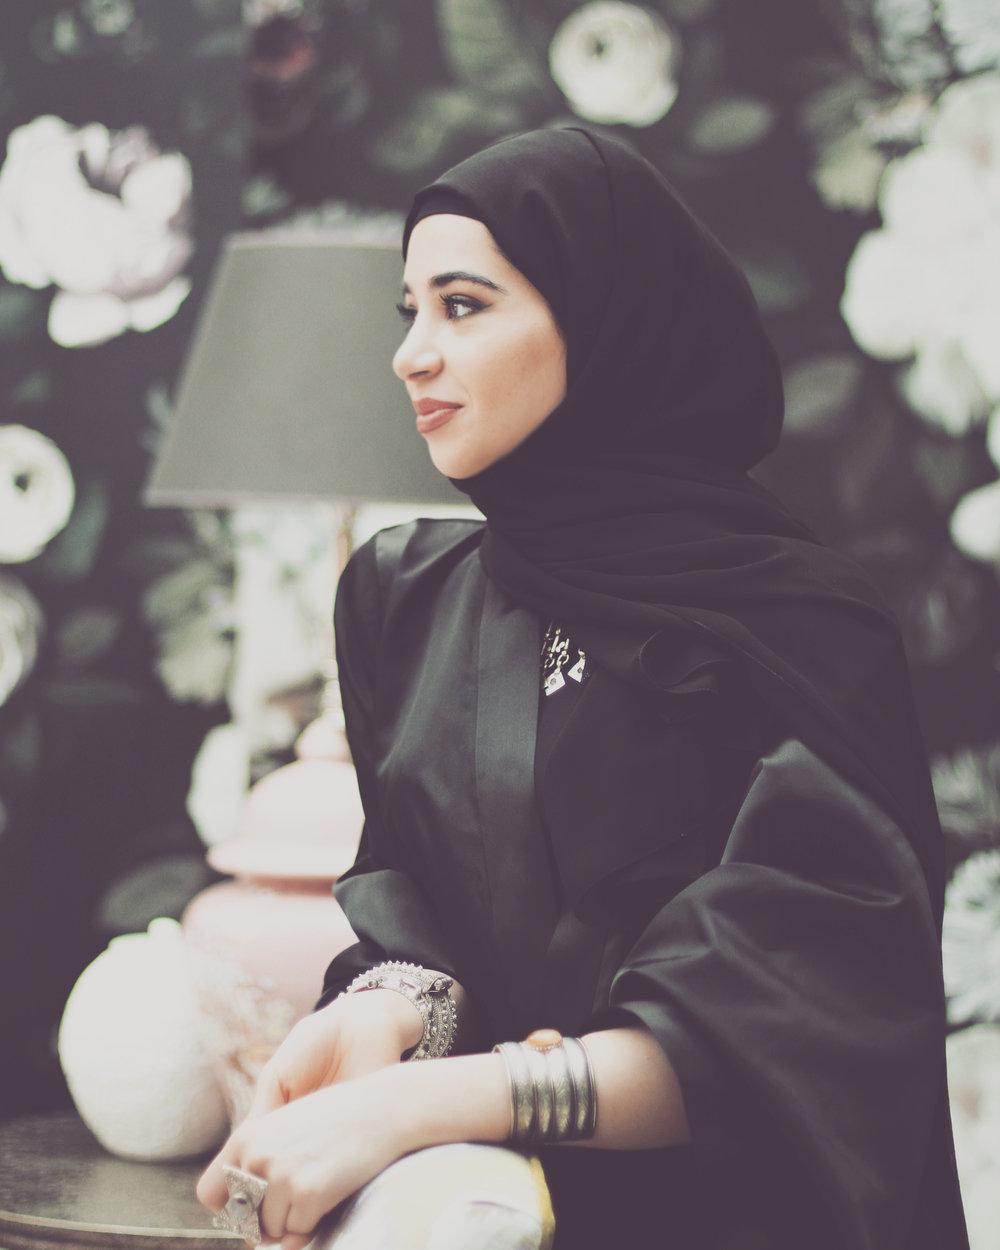 Shaikha_Al_Ali  شيخة_العلي when_shaikha_cooks